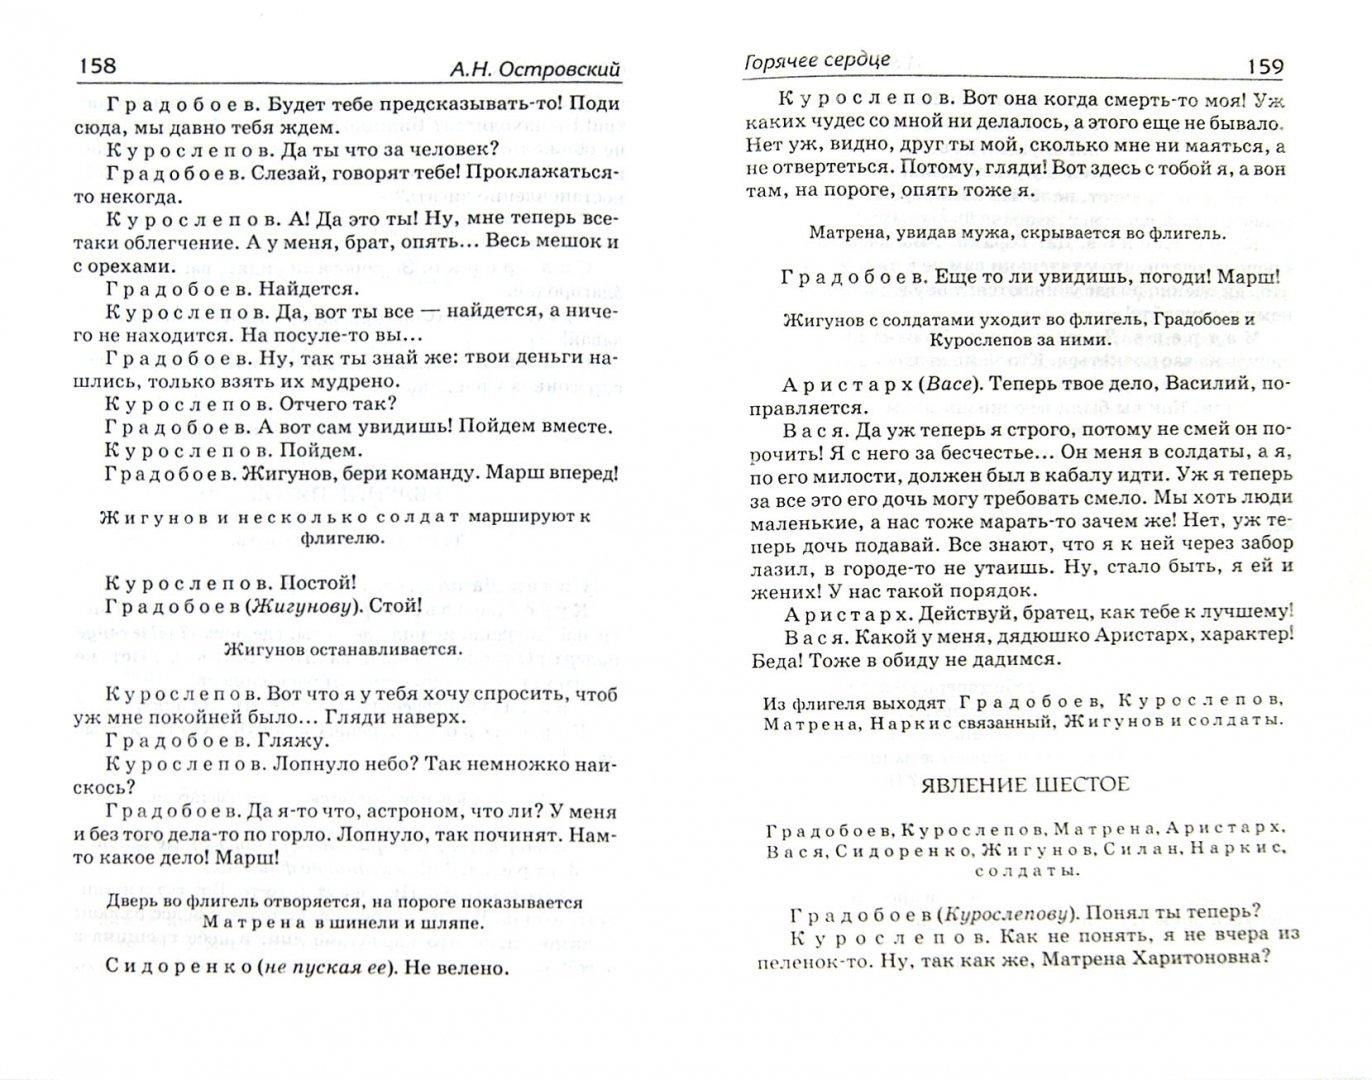 Иллюстрация 1 из 16 для Не все коту масленица - Александр Островский | Лабиринт - книги. Источник: Лабиринт